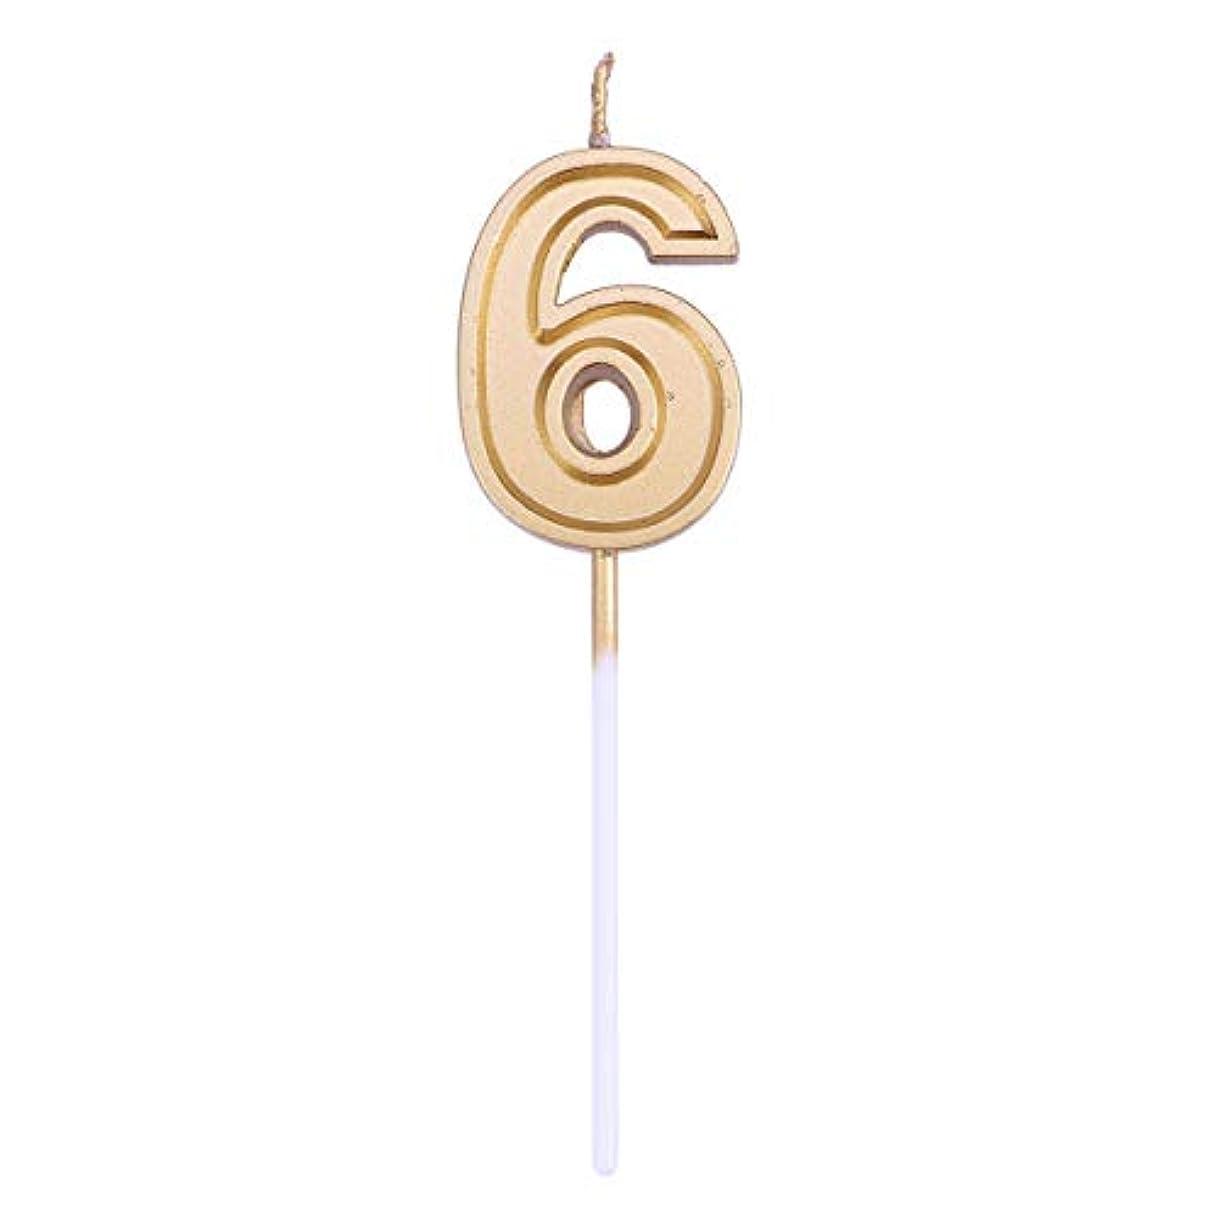 散歩に行く差酸っぱいYeahiBaby 番号6キャンドルゴールドラメ誕生日番号キャンドルケーキトッパー装飾